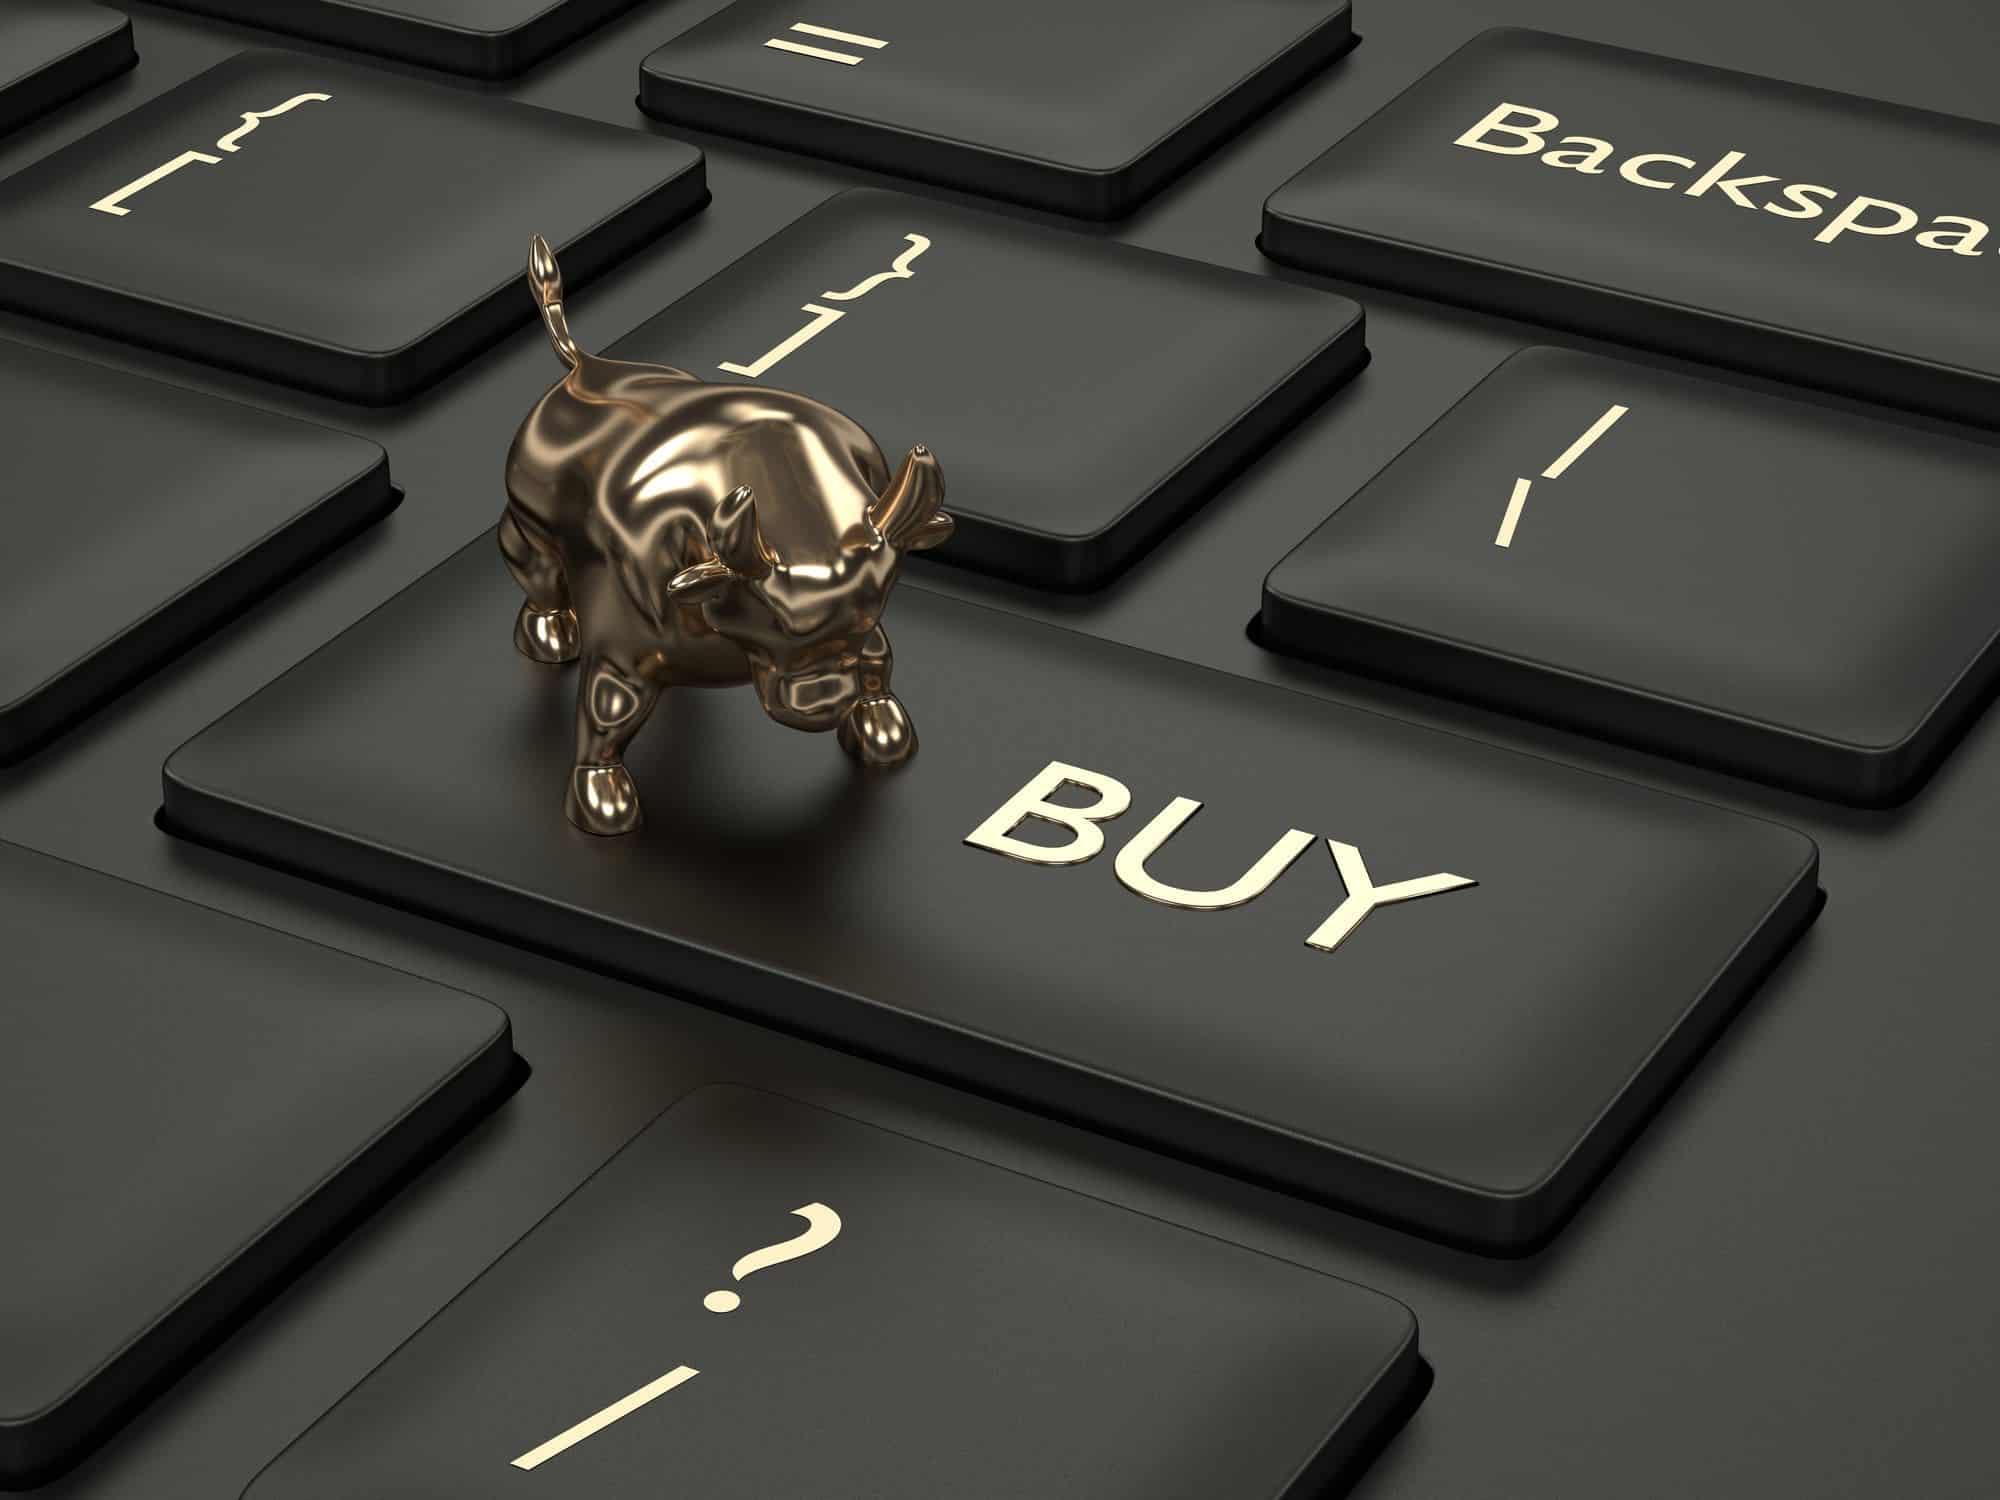 Bull stocks